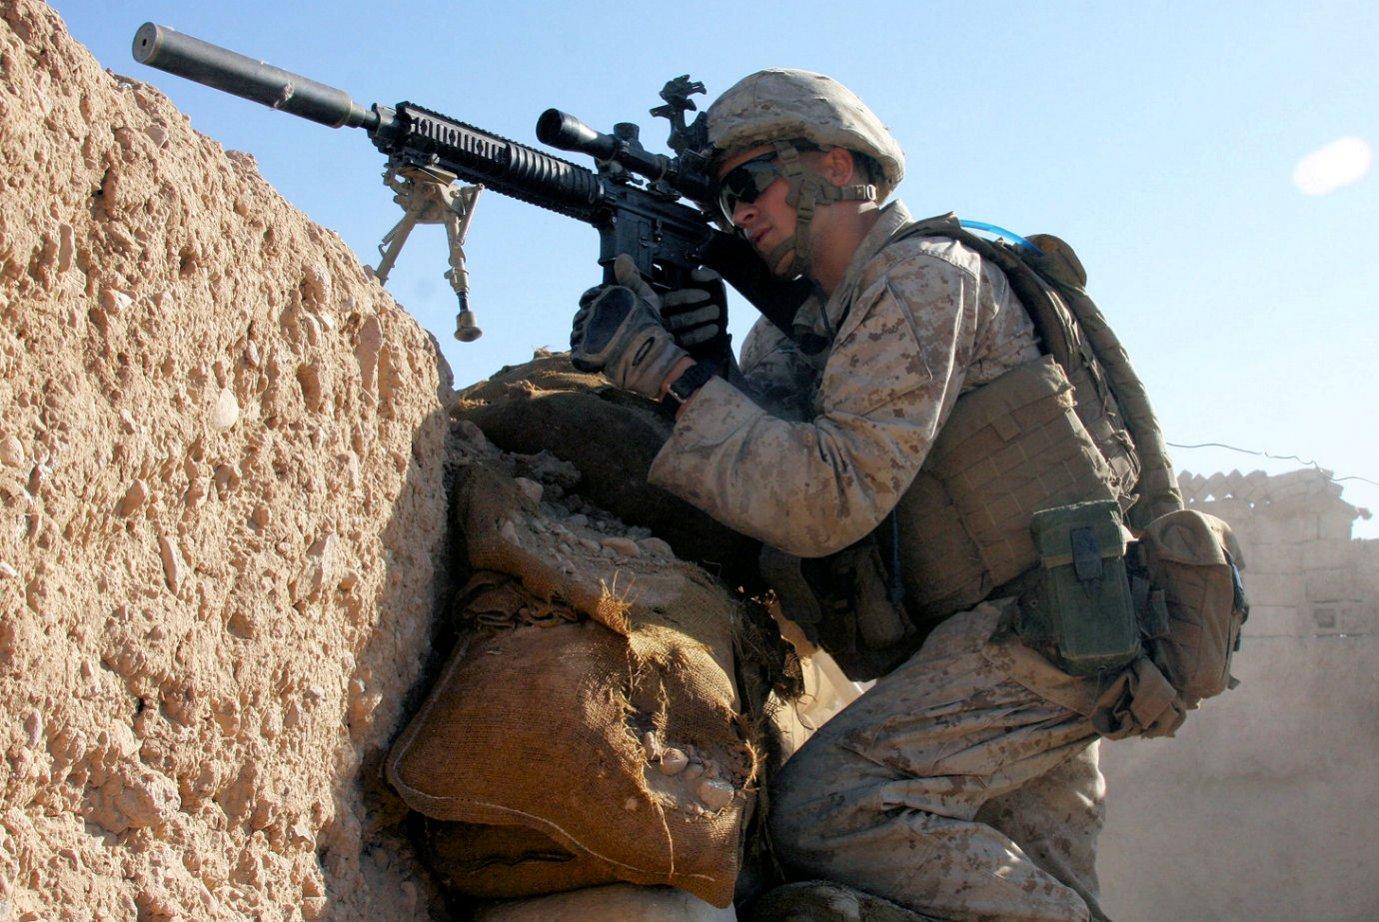 Click image for larger version.  Name:Lance Cpl Steven J Zandstra Nov 1 2010 Sangin Afghanistan.jpg Views:72 Size:274.2 KB ID:448554